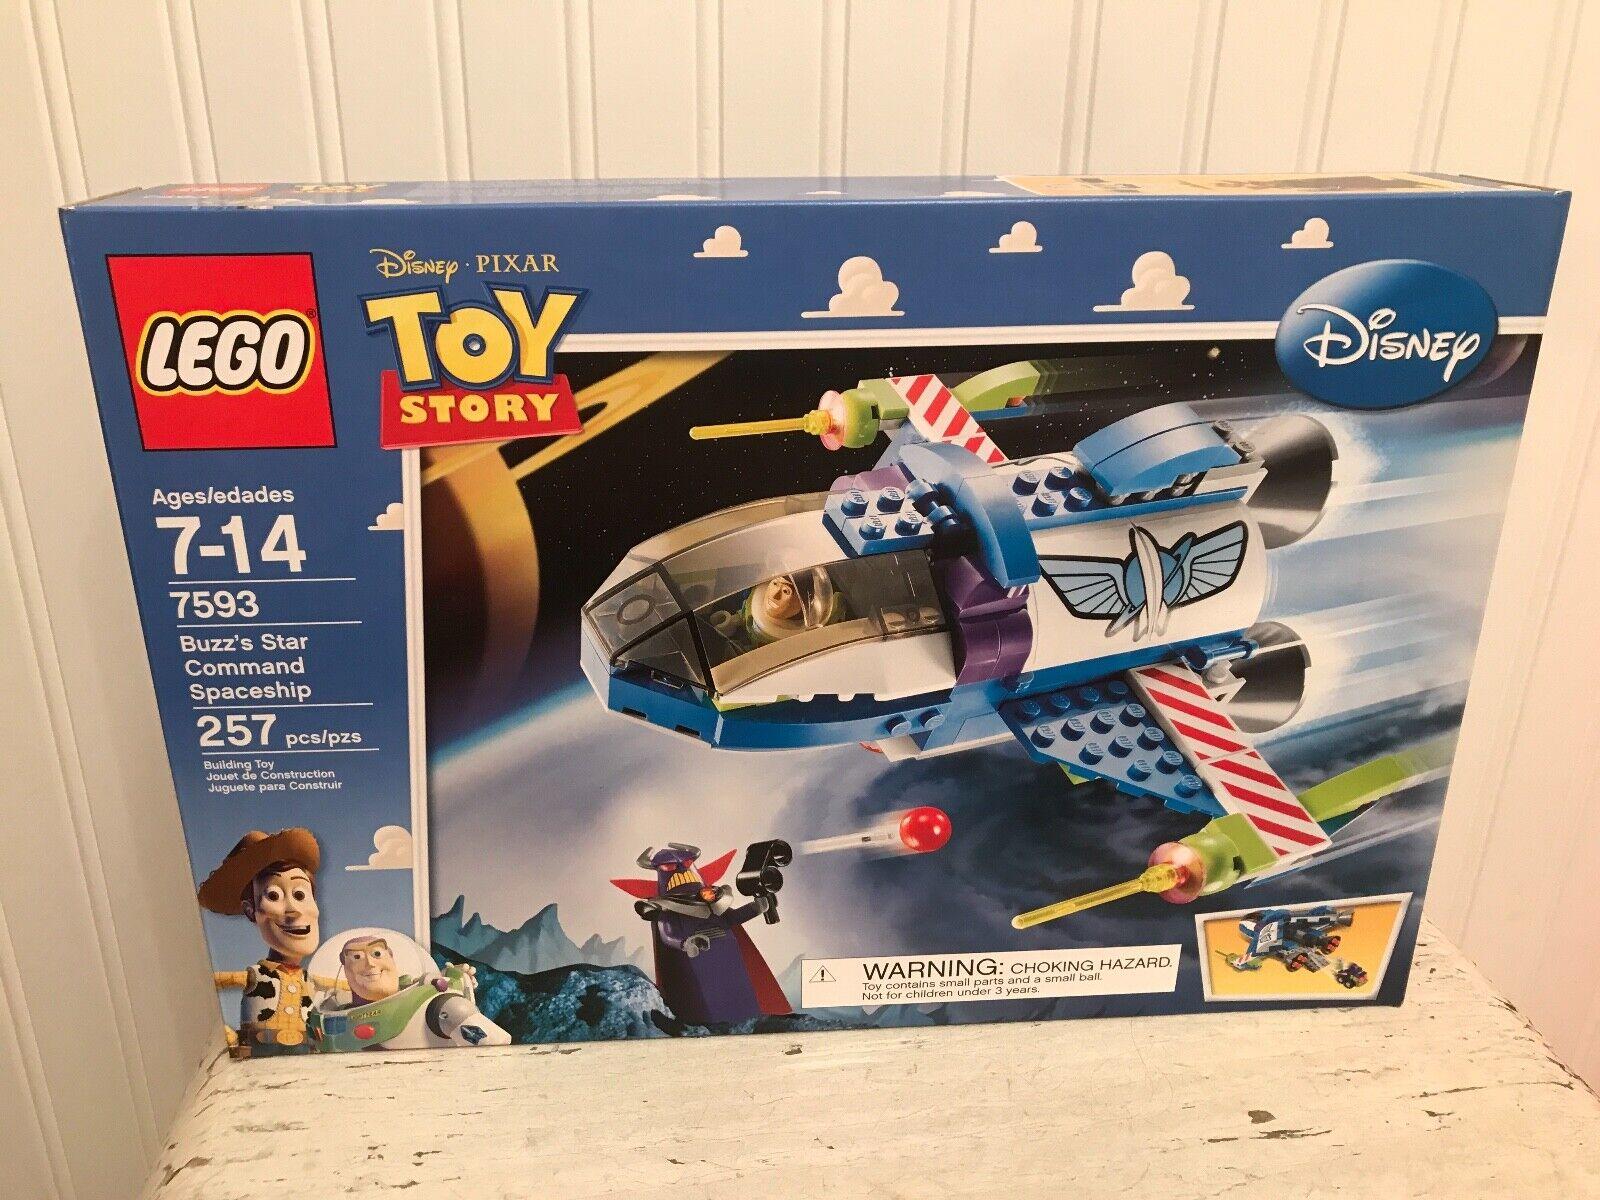 in vendita Nuovo LEGO 7593 Pixar giocattolo giocattolo giocattolo storia Buzz's Estrella Comuomod spazioship 257 Pc  outlet online